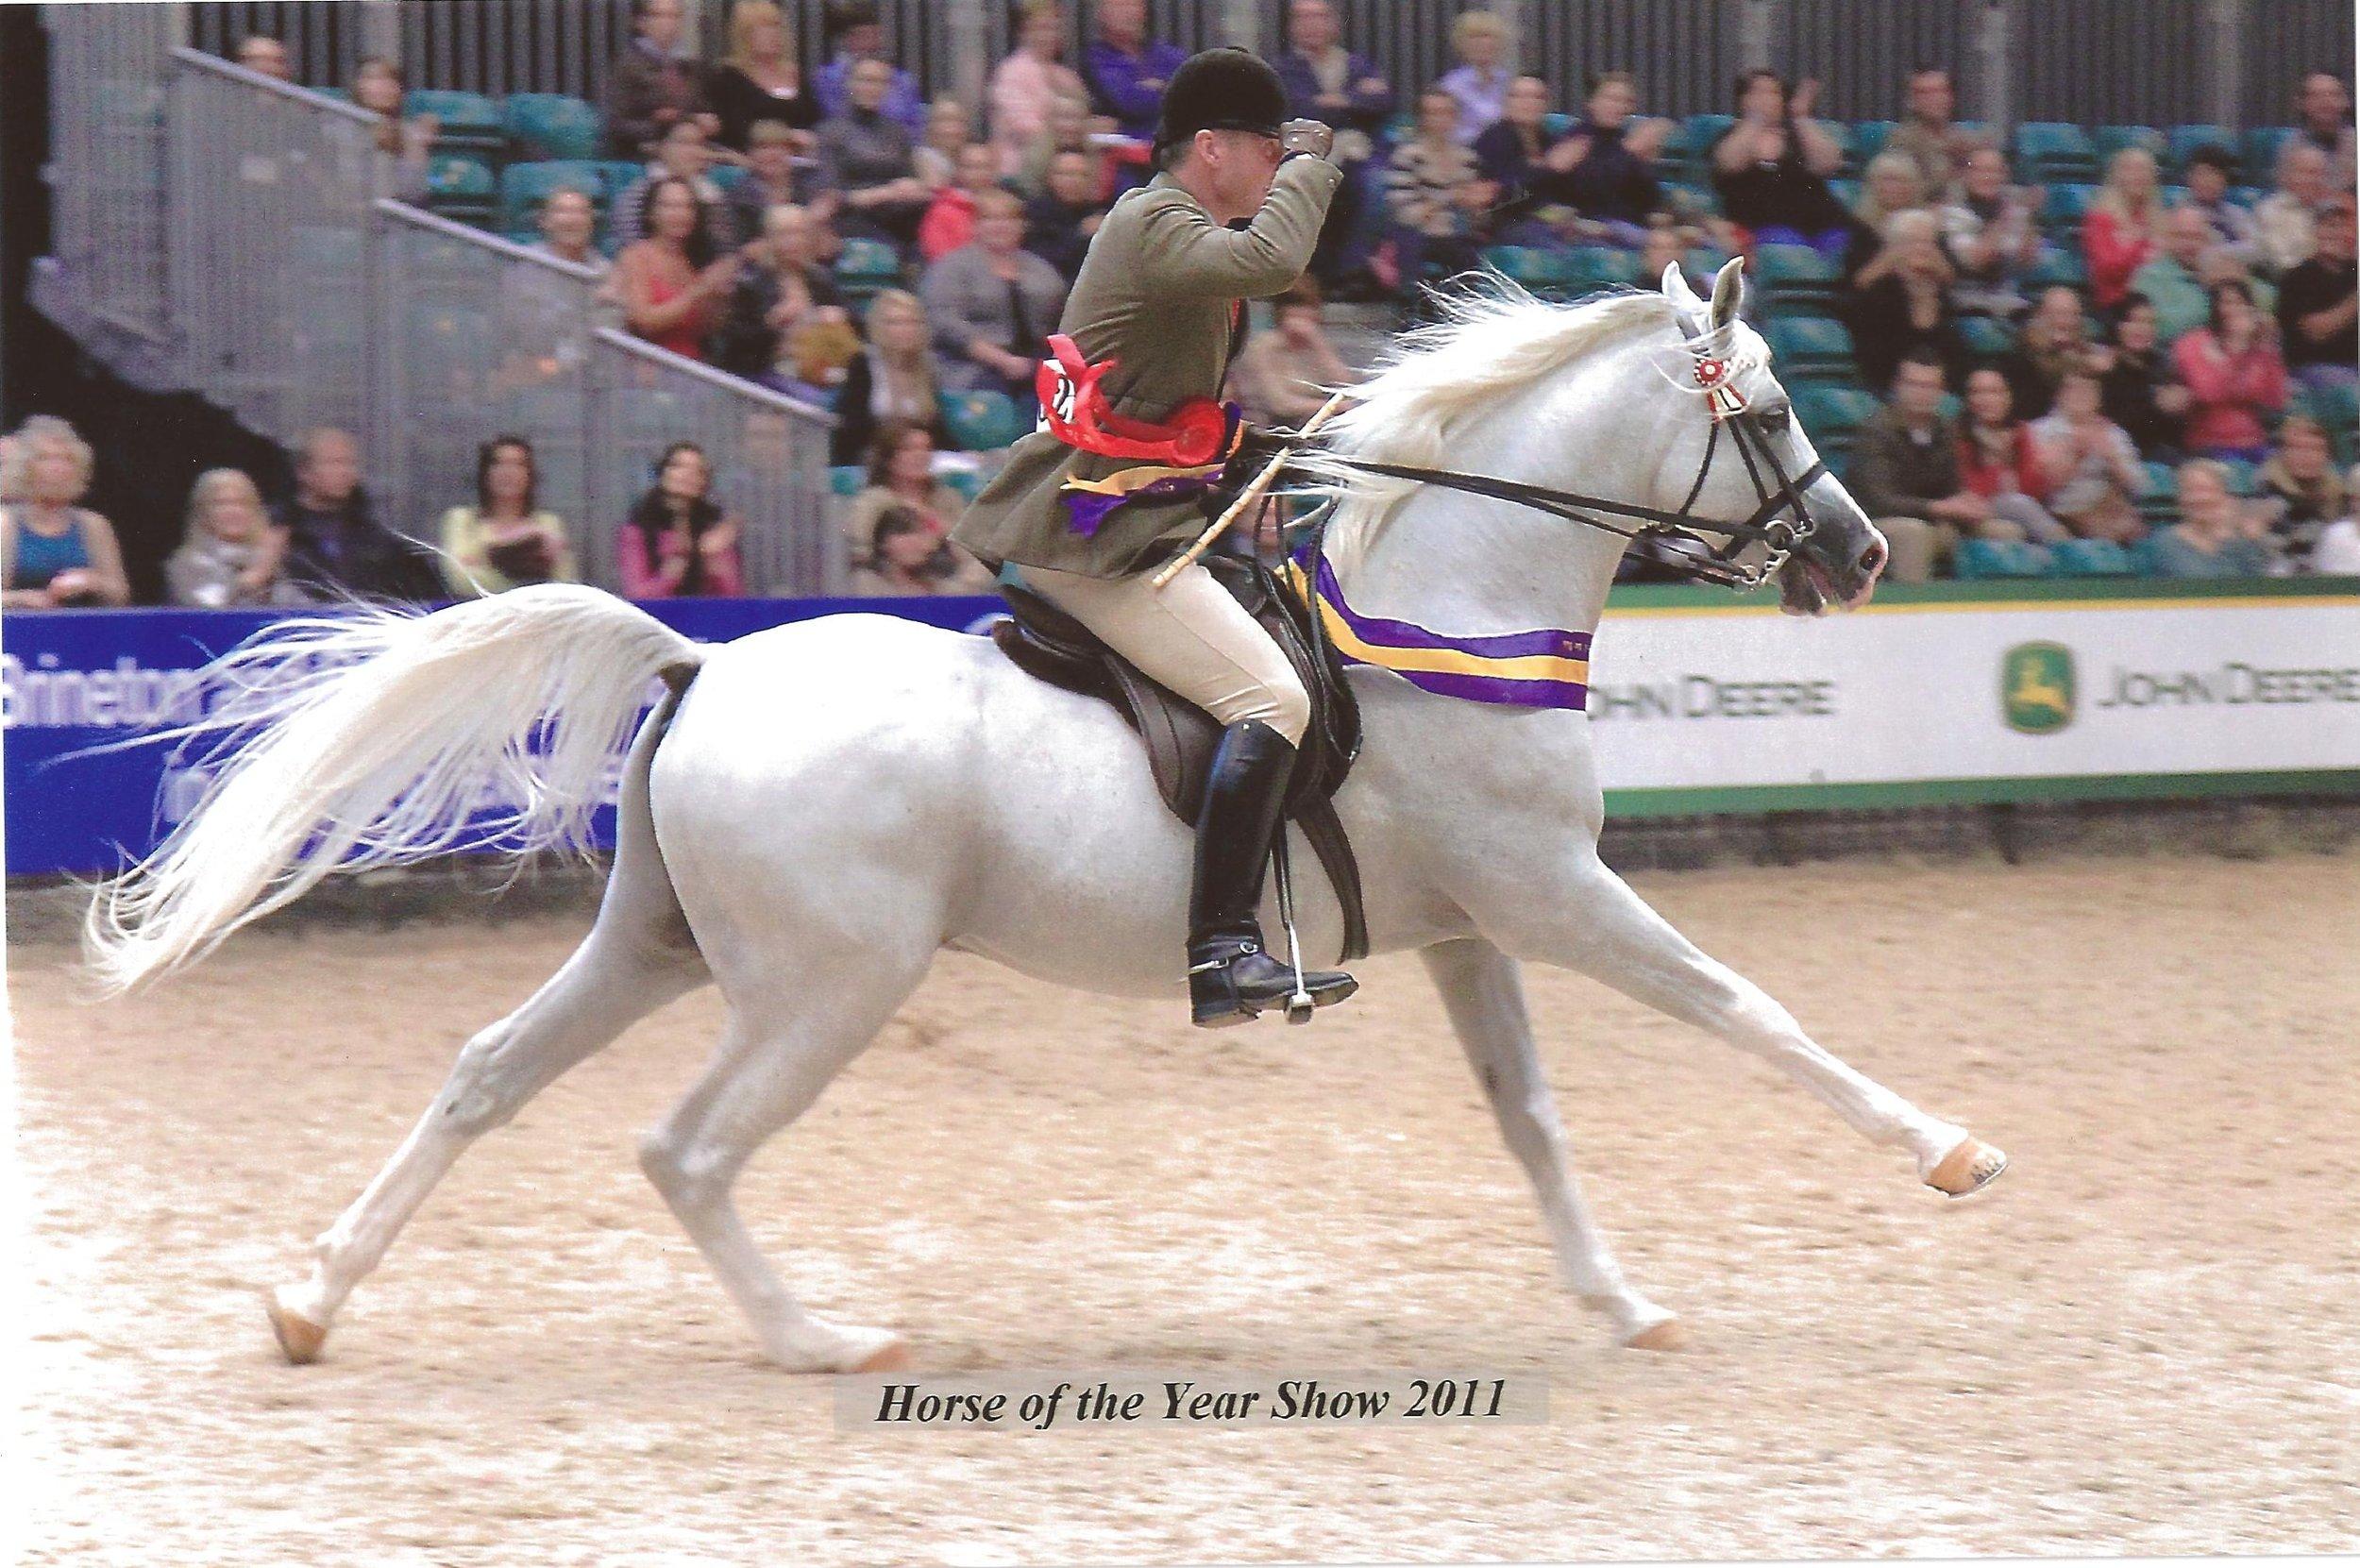 Princey winning at HOYS 2011.jpg